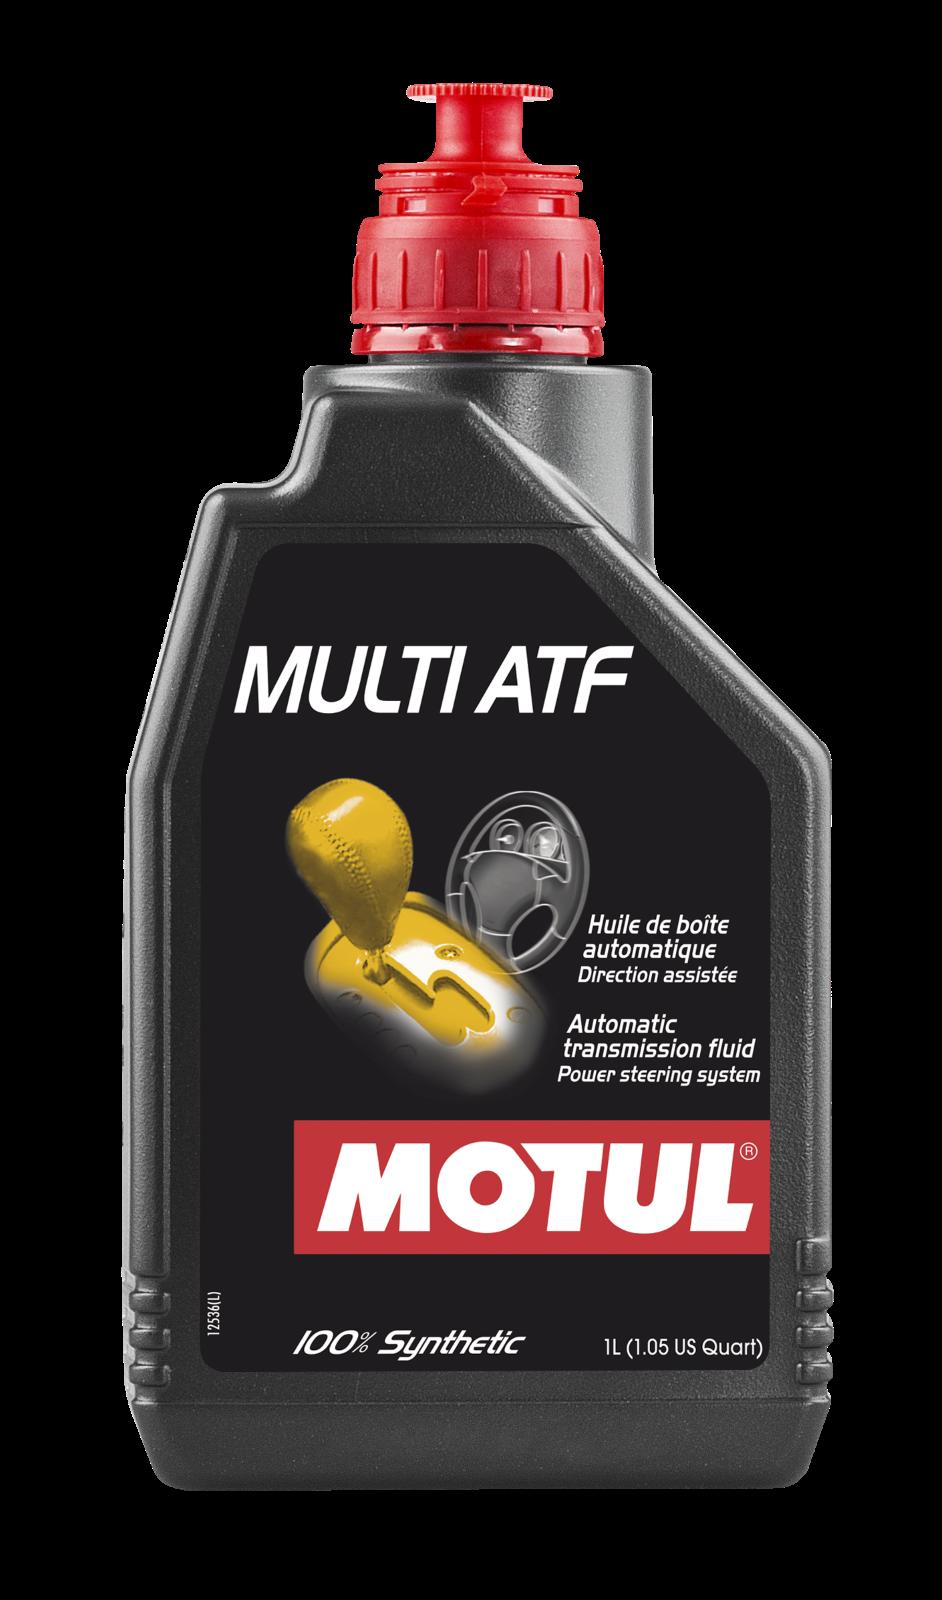 MOTUL AG MOTUL Multi ATF 1L